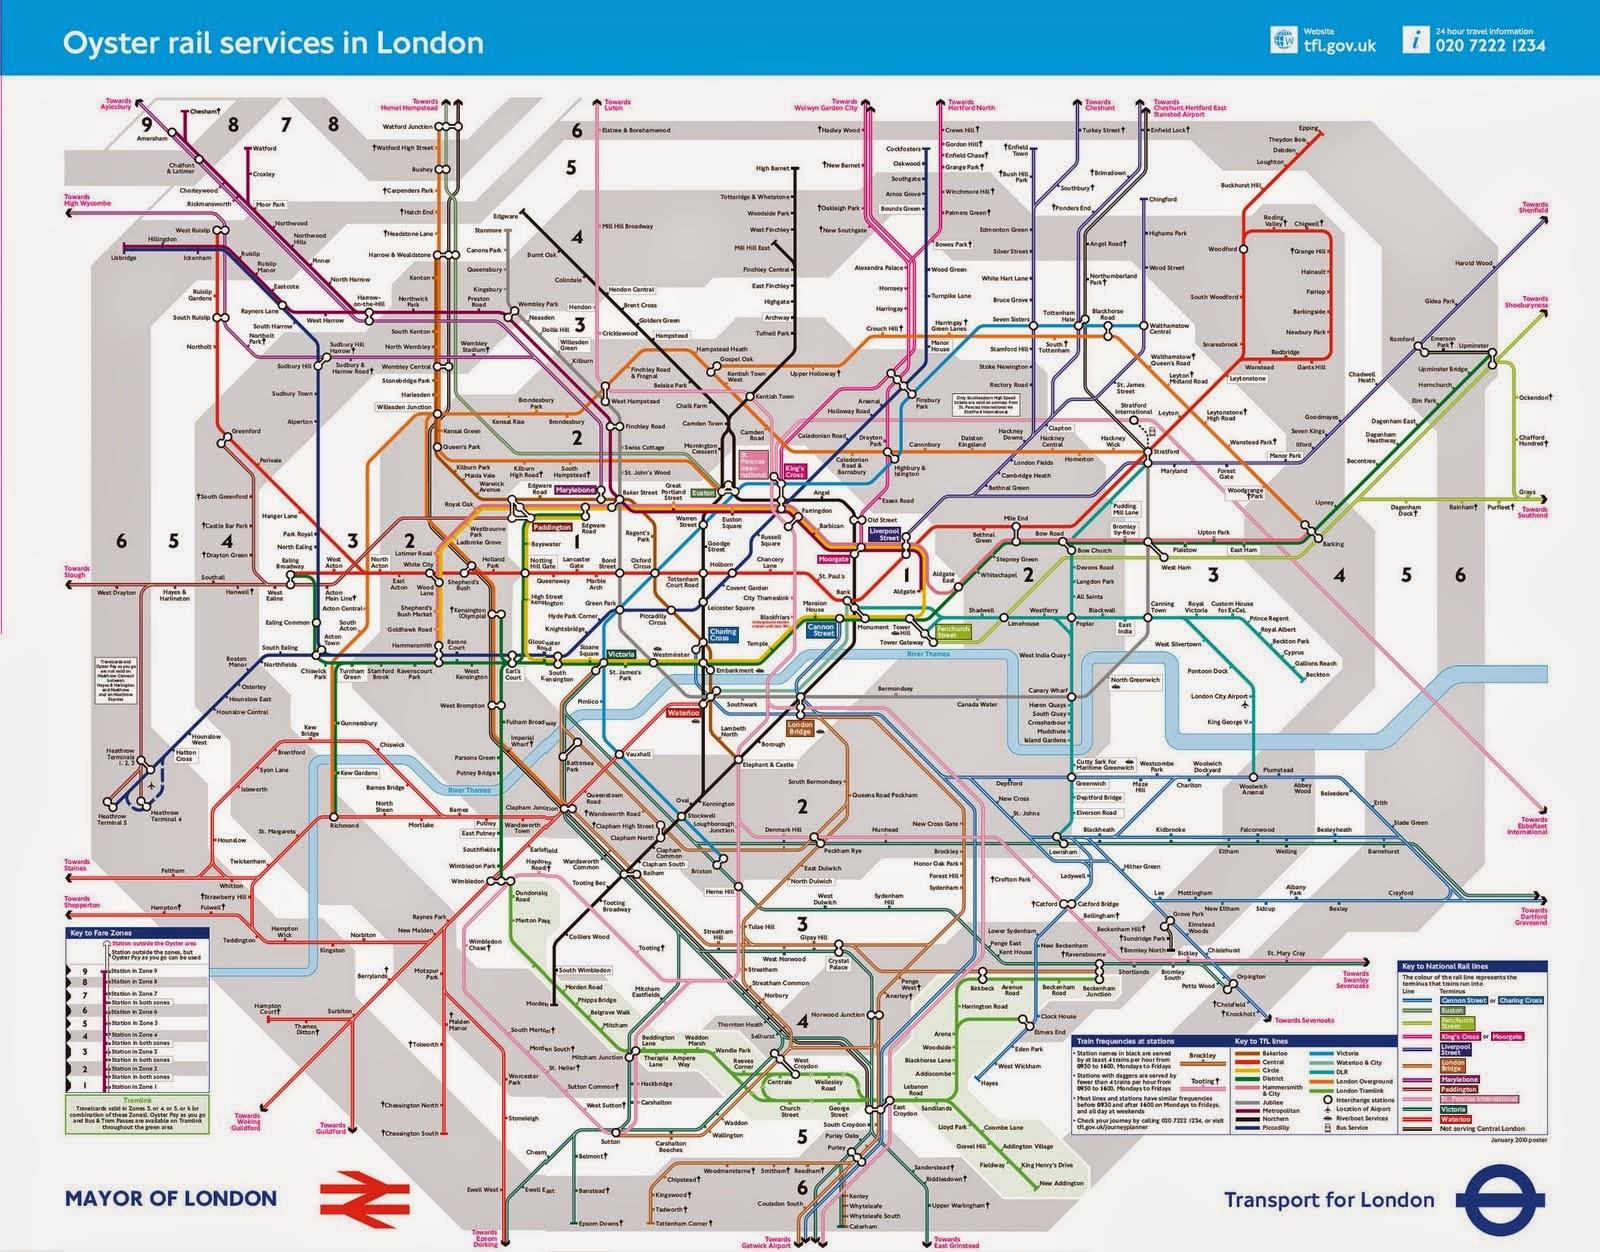 英國地鐵票價|- 英國地鐵票價| - 快熱資訊 - 走進時代